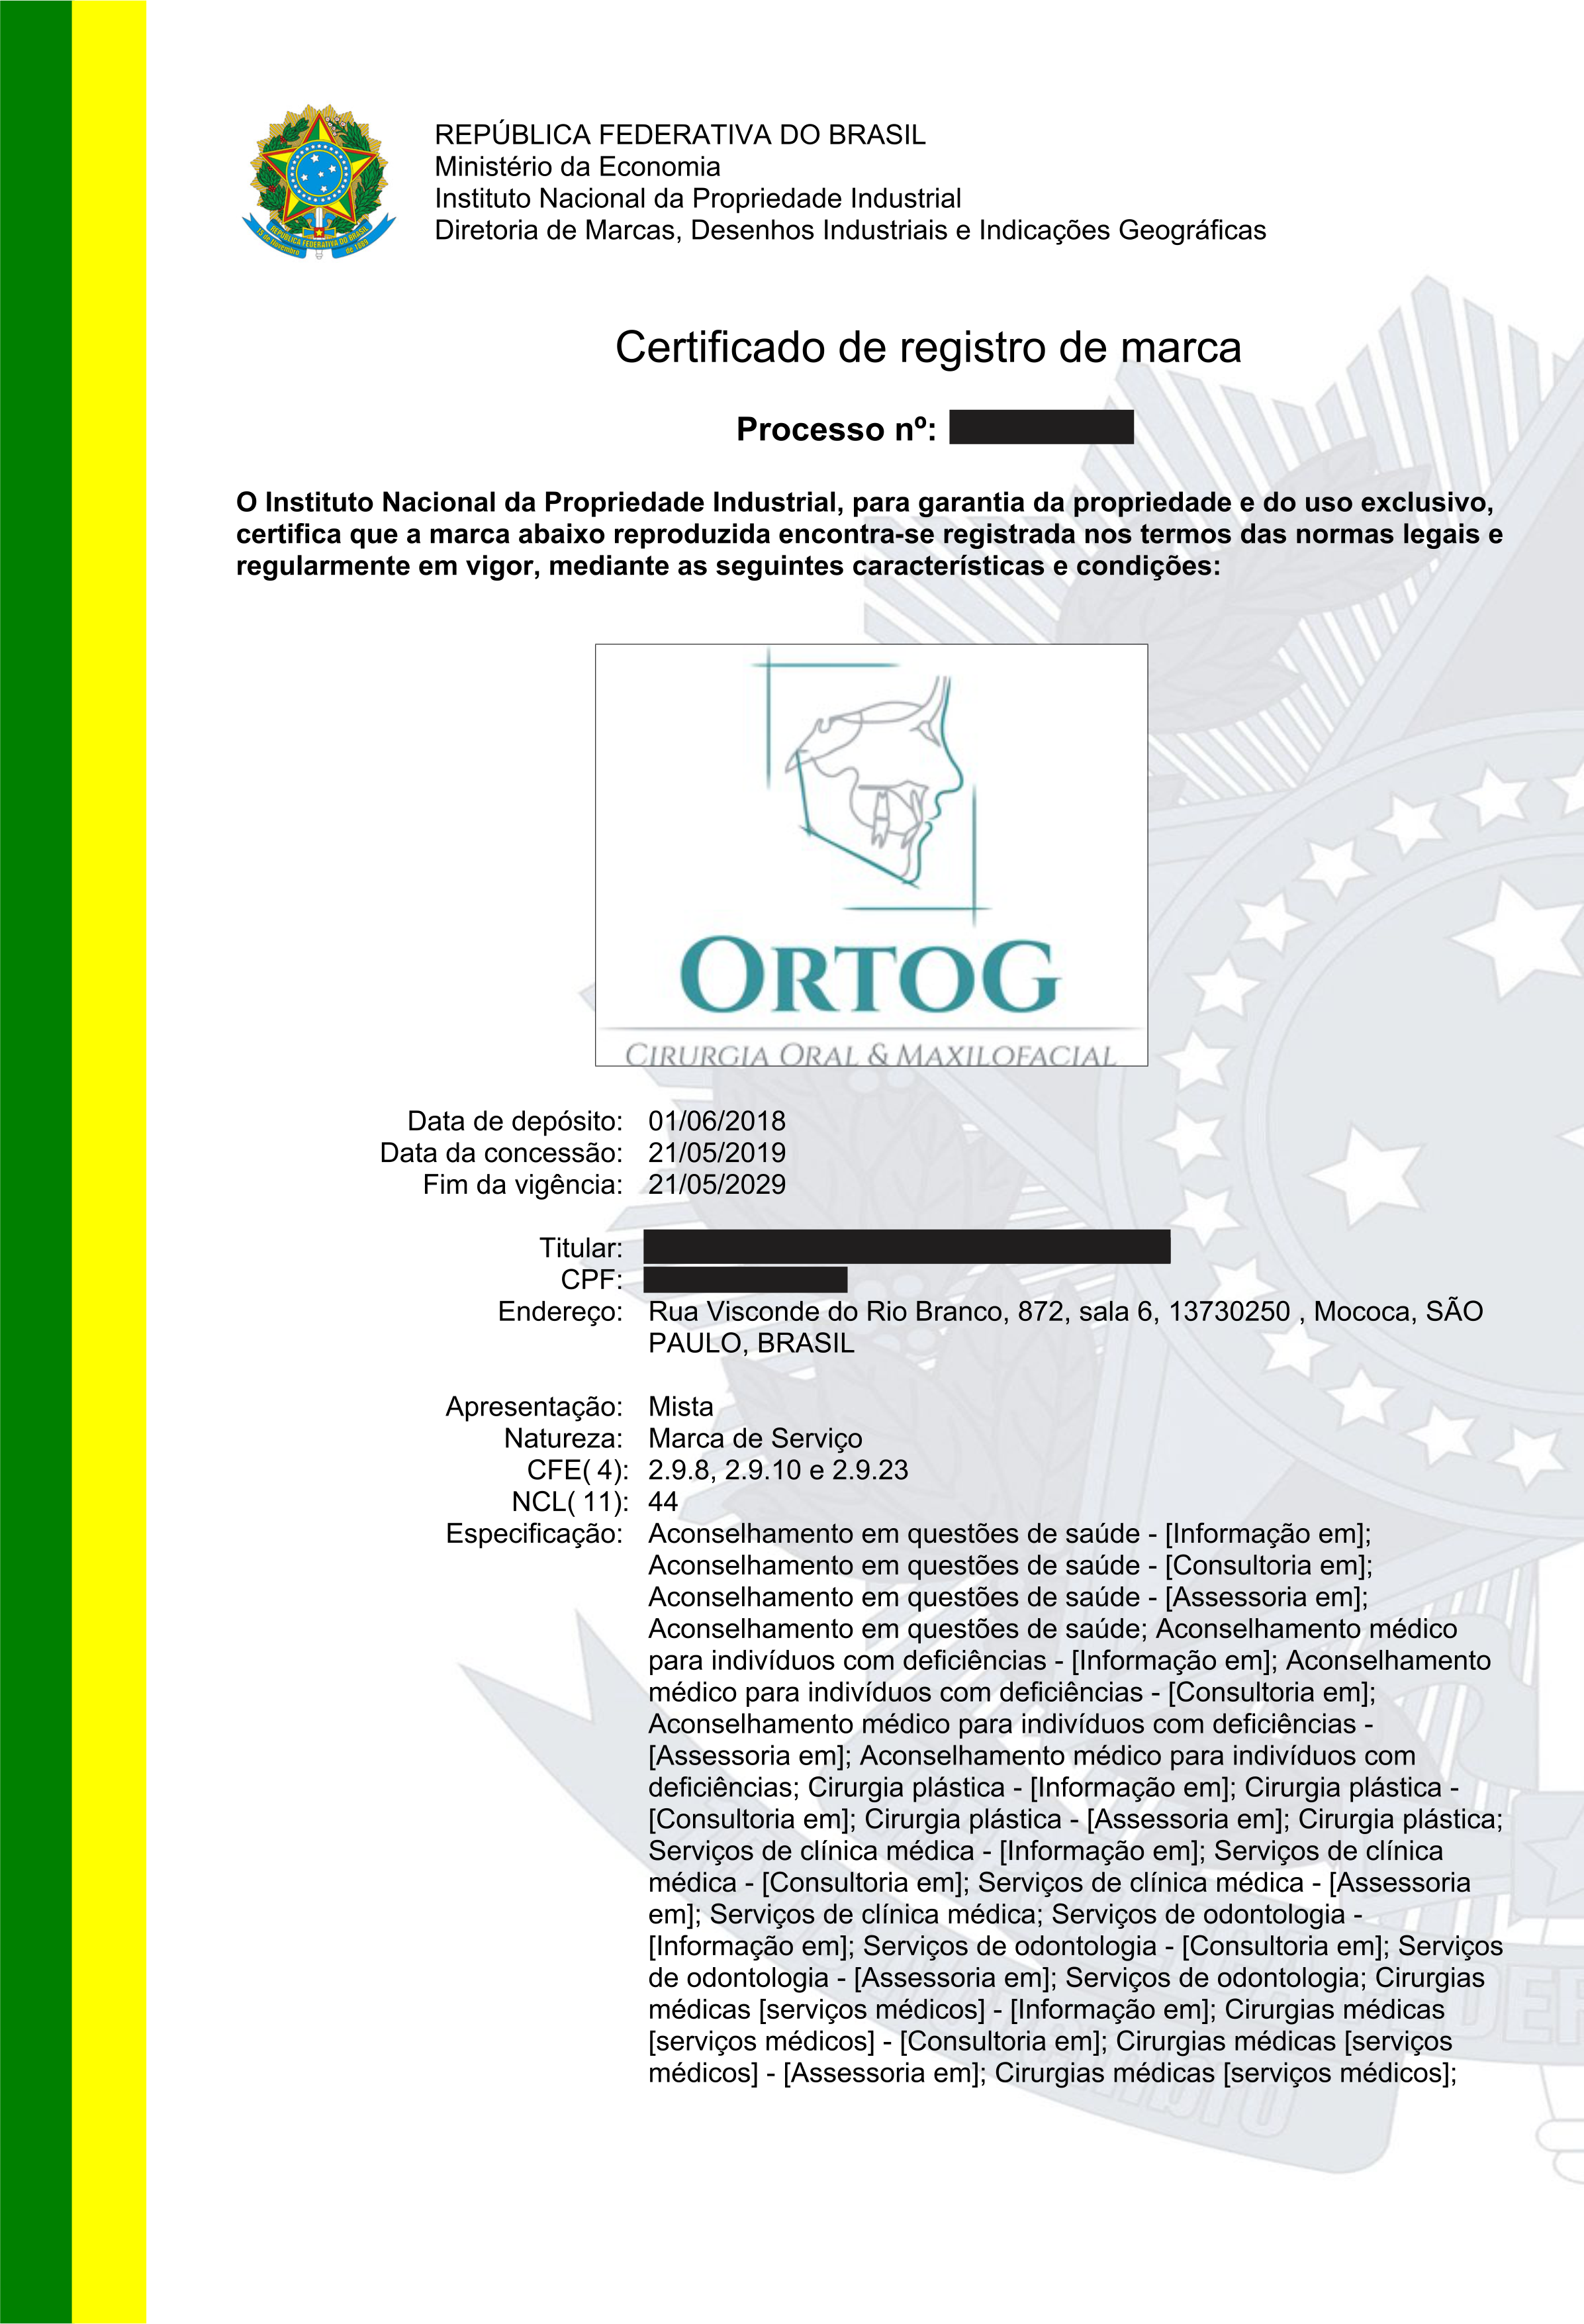 ortog-914790110